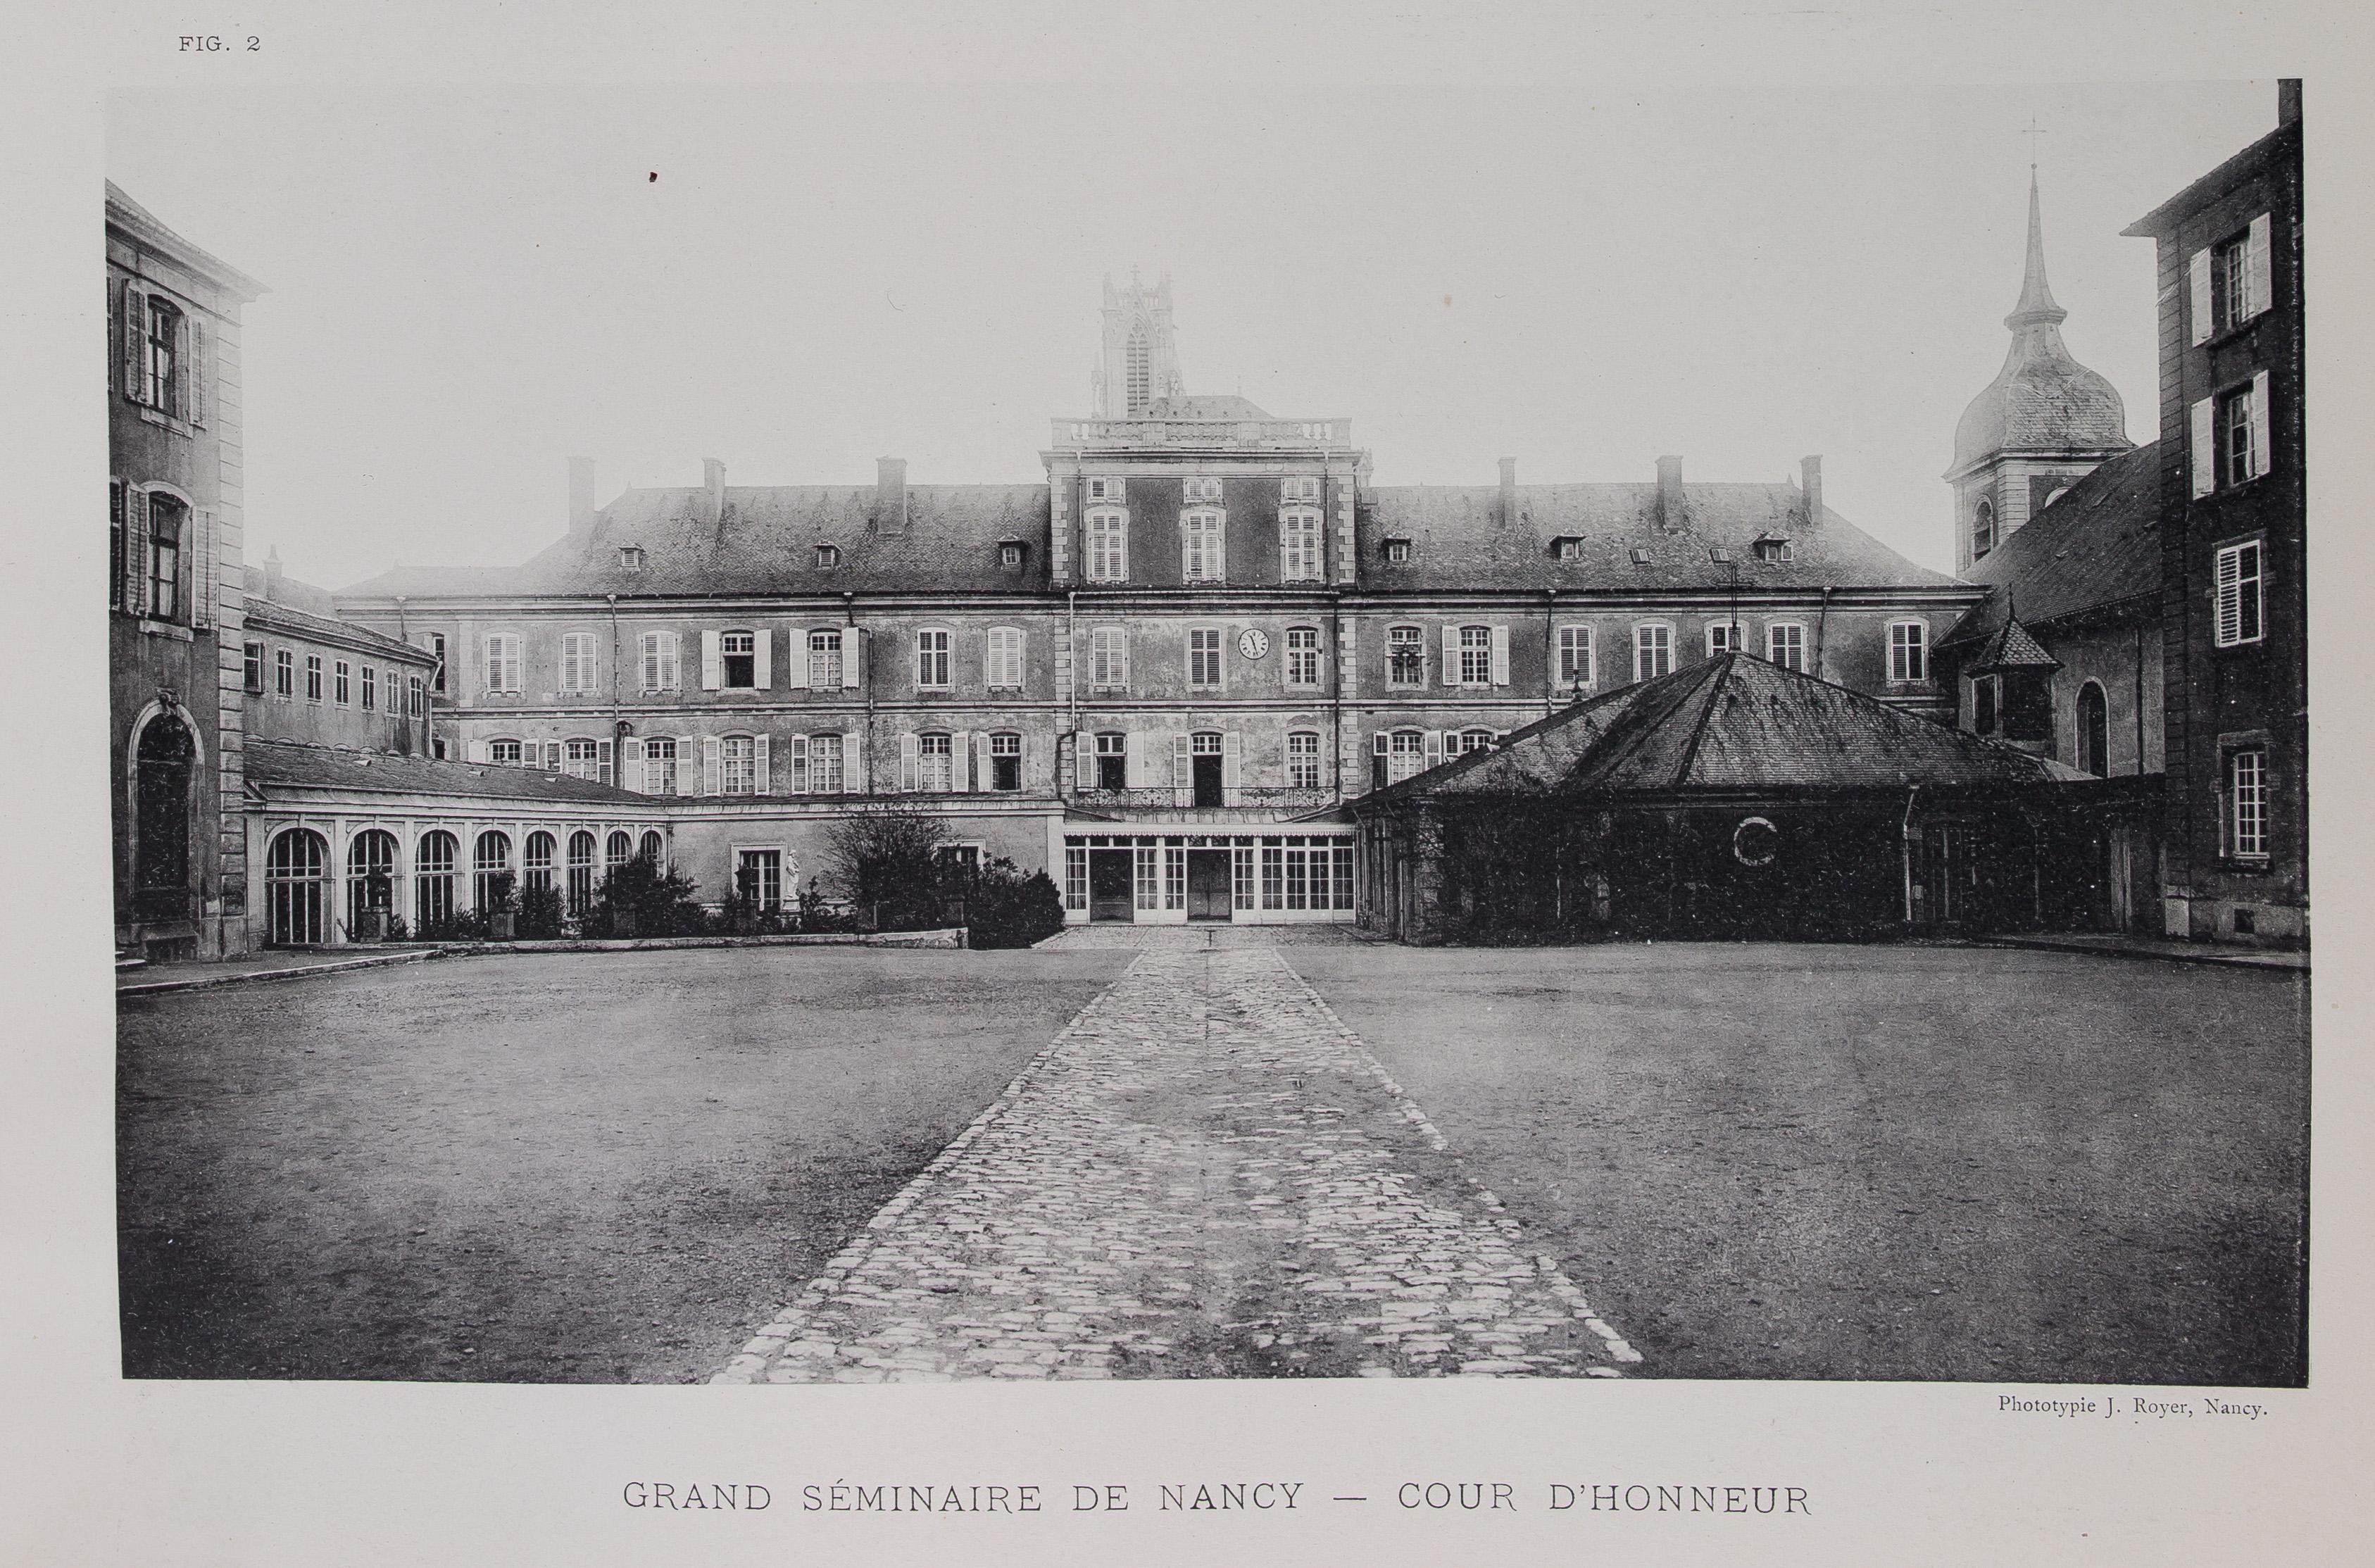 Grand séminaire de Nancy - cour d'honneur, Nancy monumental et